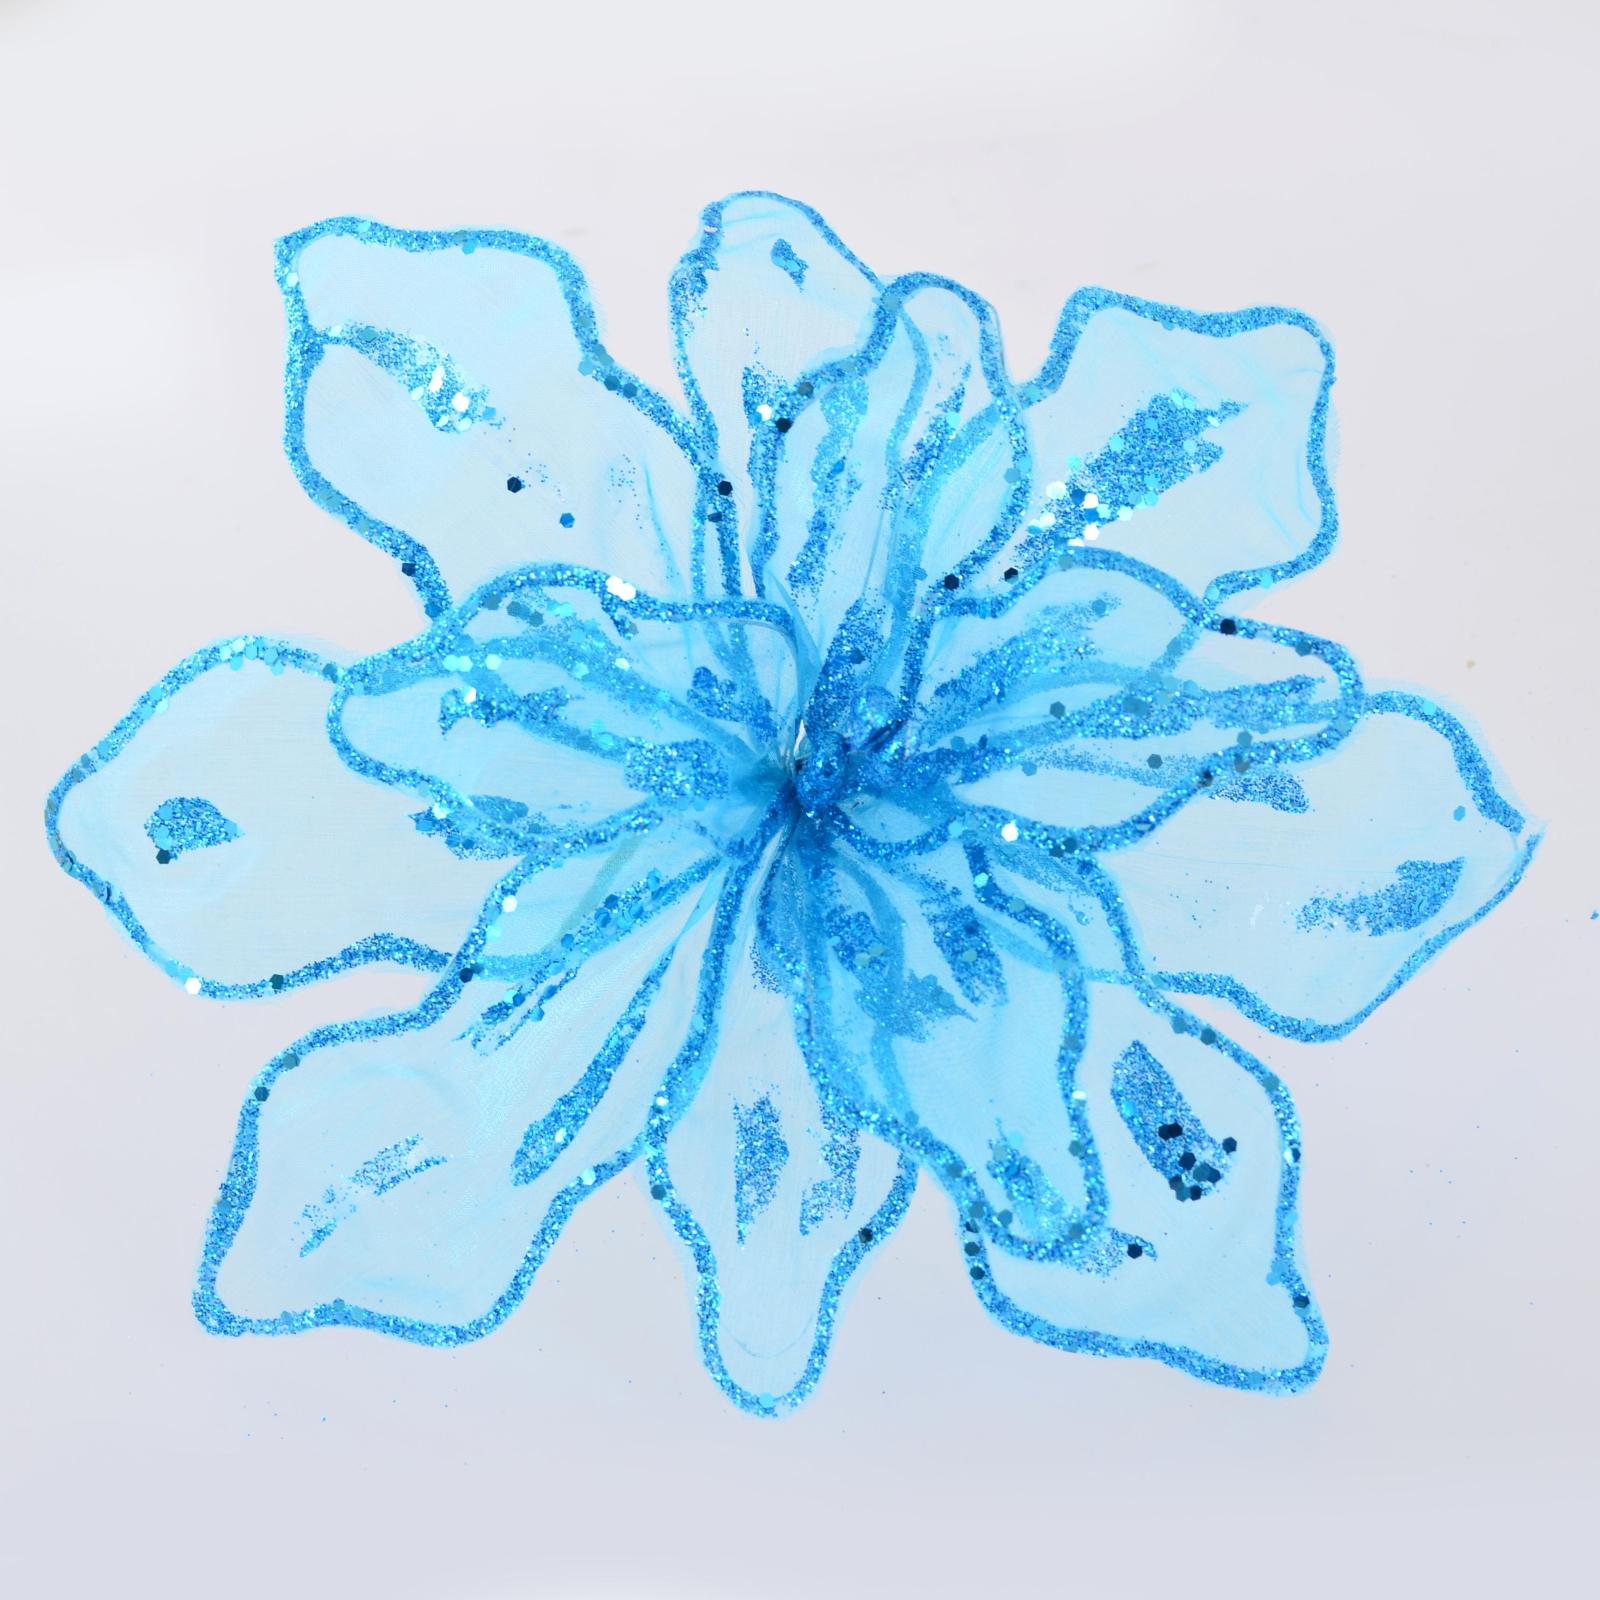 Украшение декоративное YES! Fun Цветок пуансеттии полупрозрачный голубой, 28*28см (750287)